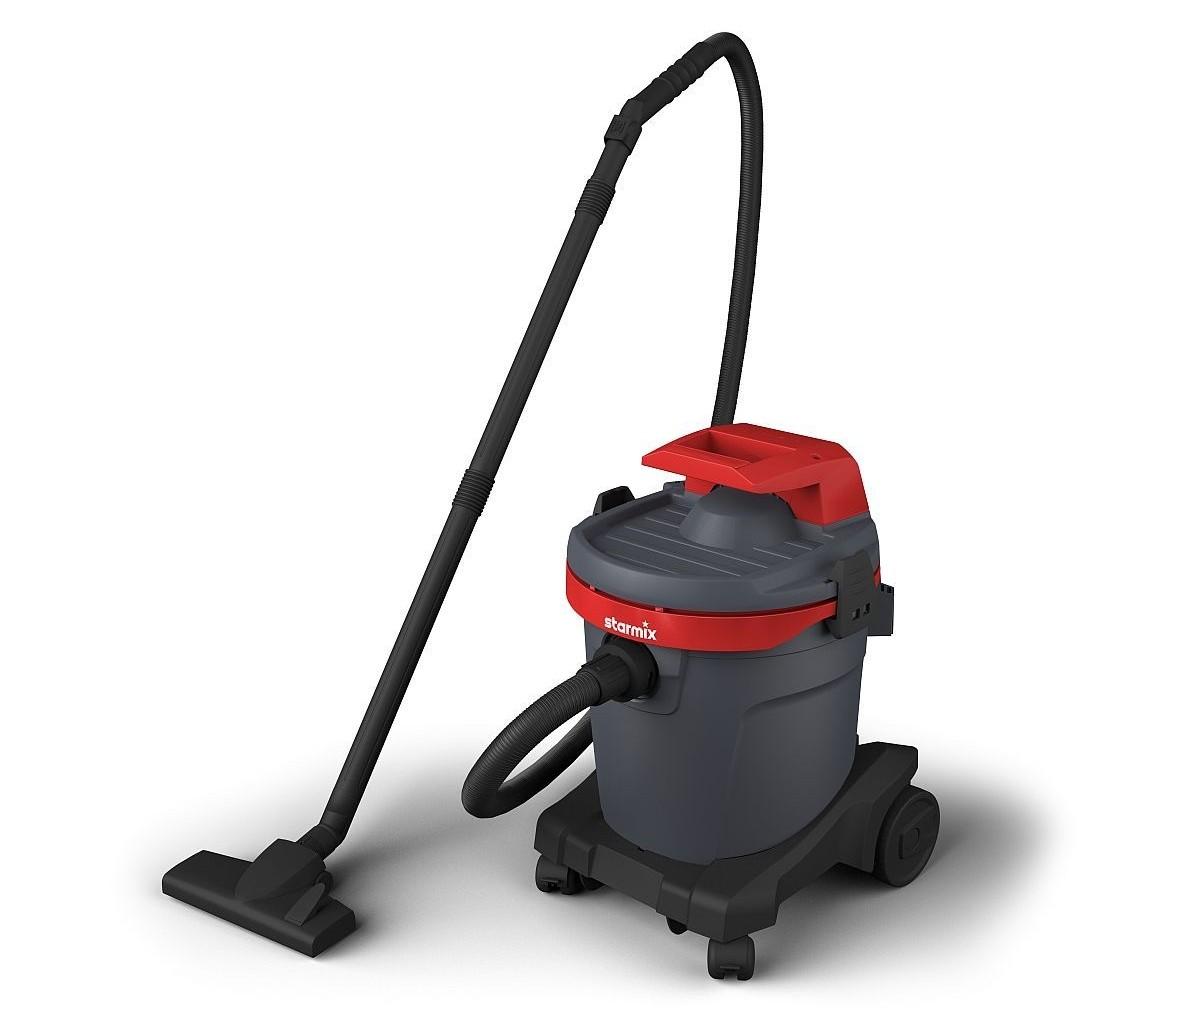 nass und trockensauger mit volumenstrom von 70 litern pro sekunde. Black Bedroom Furniture Sets. Home Design Ideas